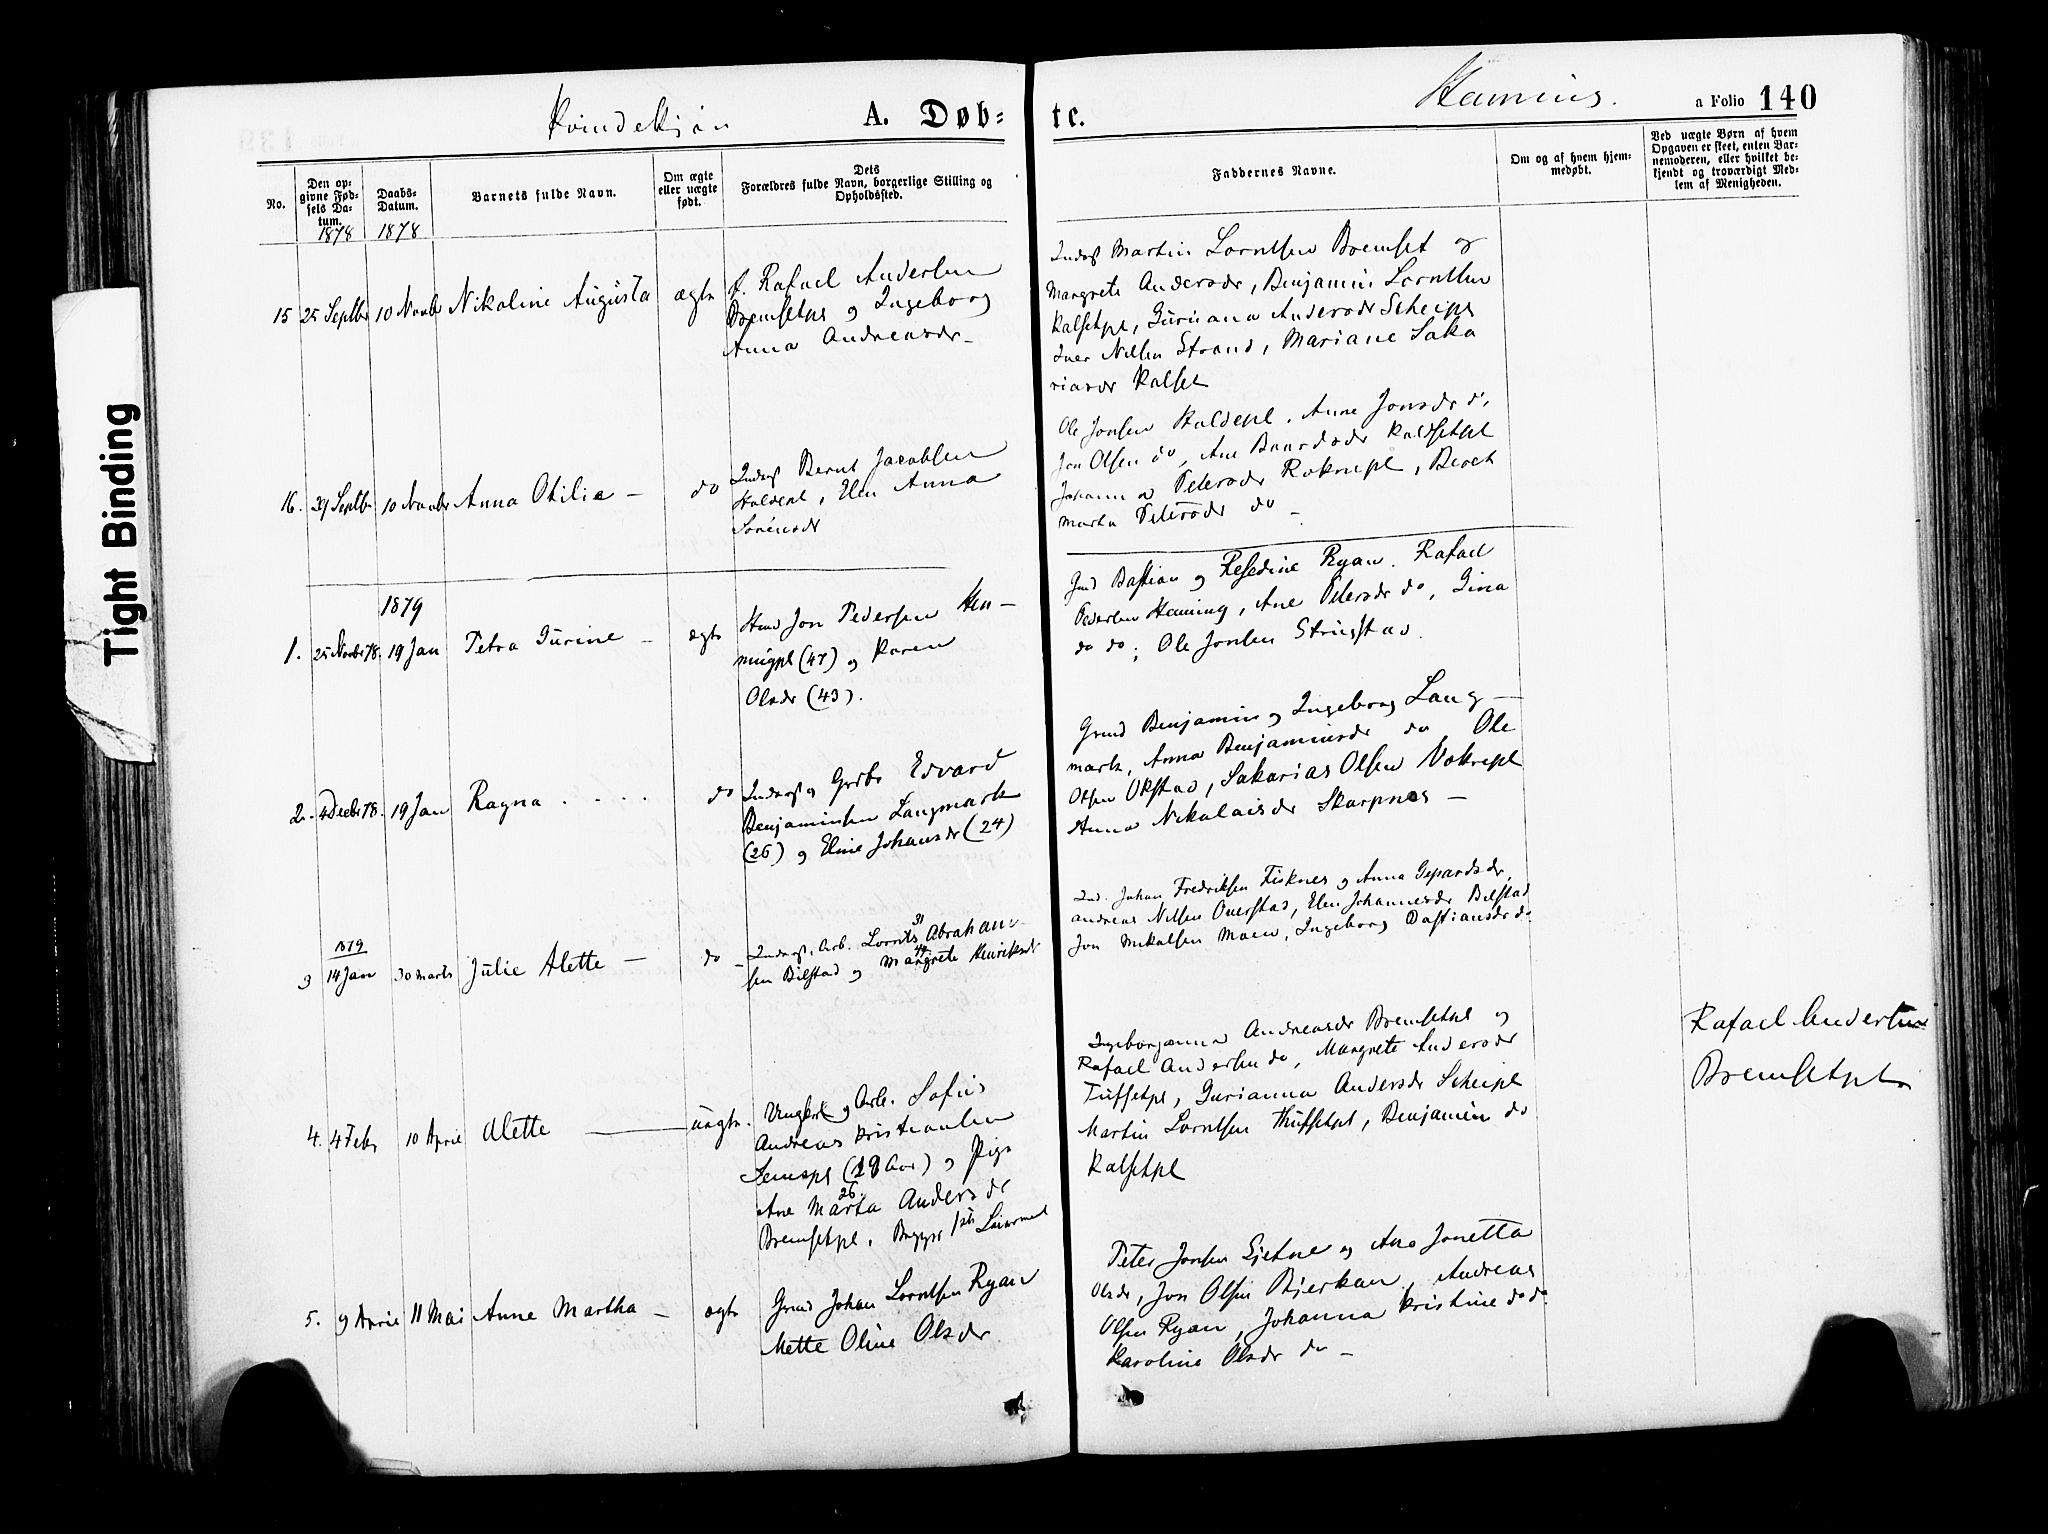 SAT, Ministerialprotokoller, klokkerbøker og fødselsregistre - Nord-Trøndelag, 735/L0348: Ministerialbok nr. 735A09 /3, 1873-1883, s. 140